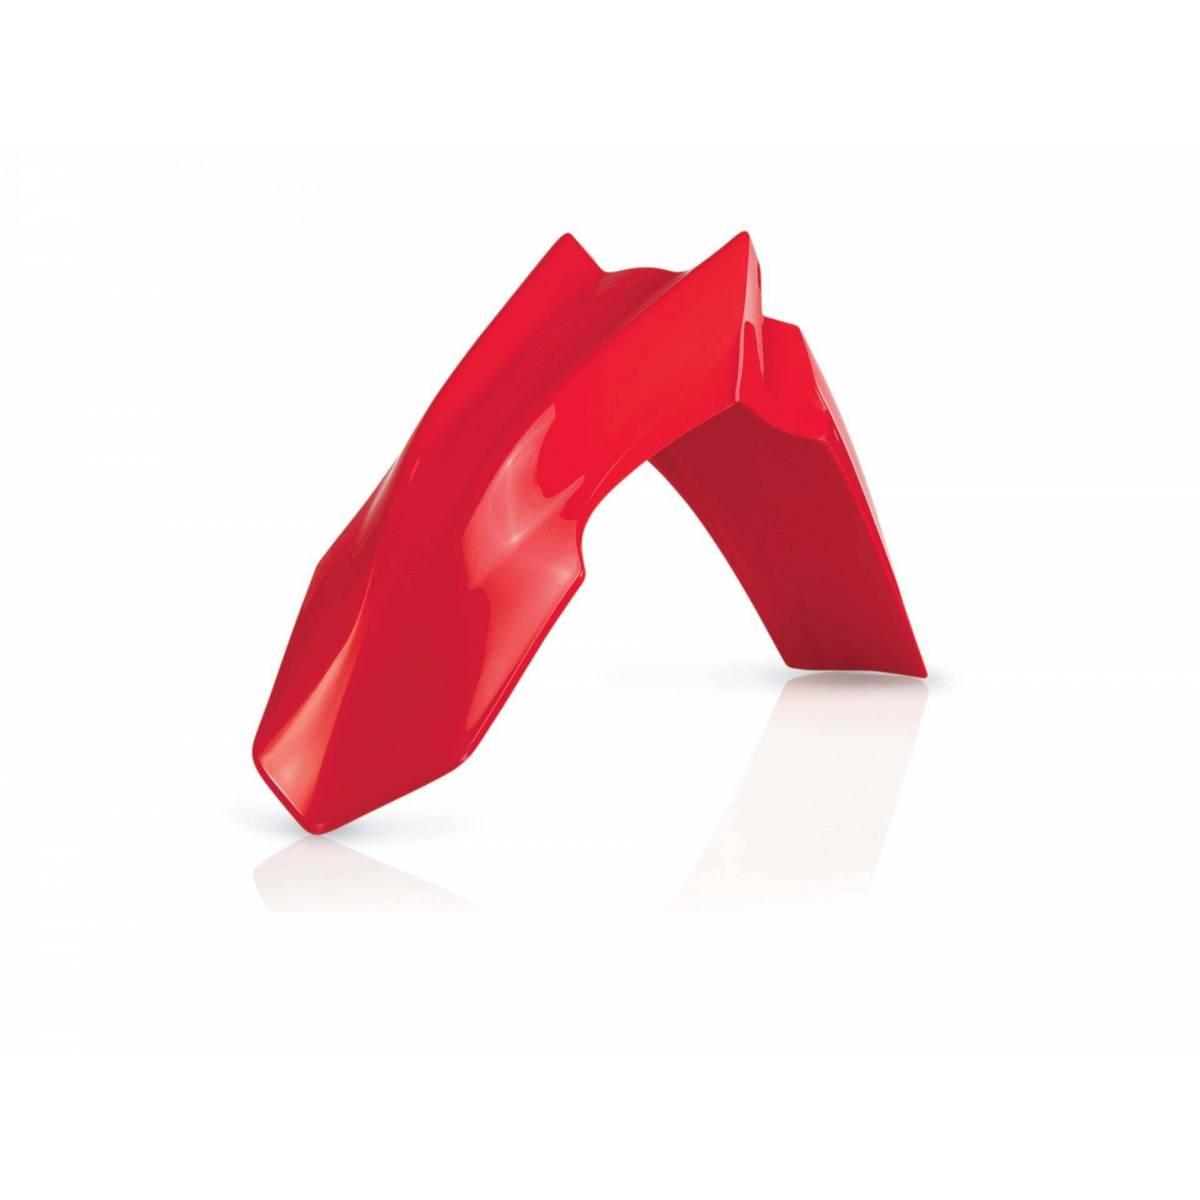 0016887-110 - Guardabarros Delantero Acerbis Honda Crf 250R 14 17 Crf450 R 13 16 Rojo